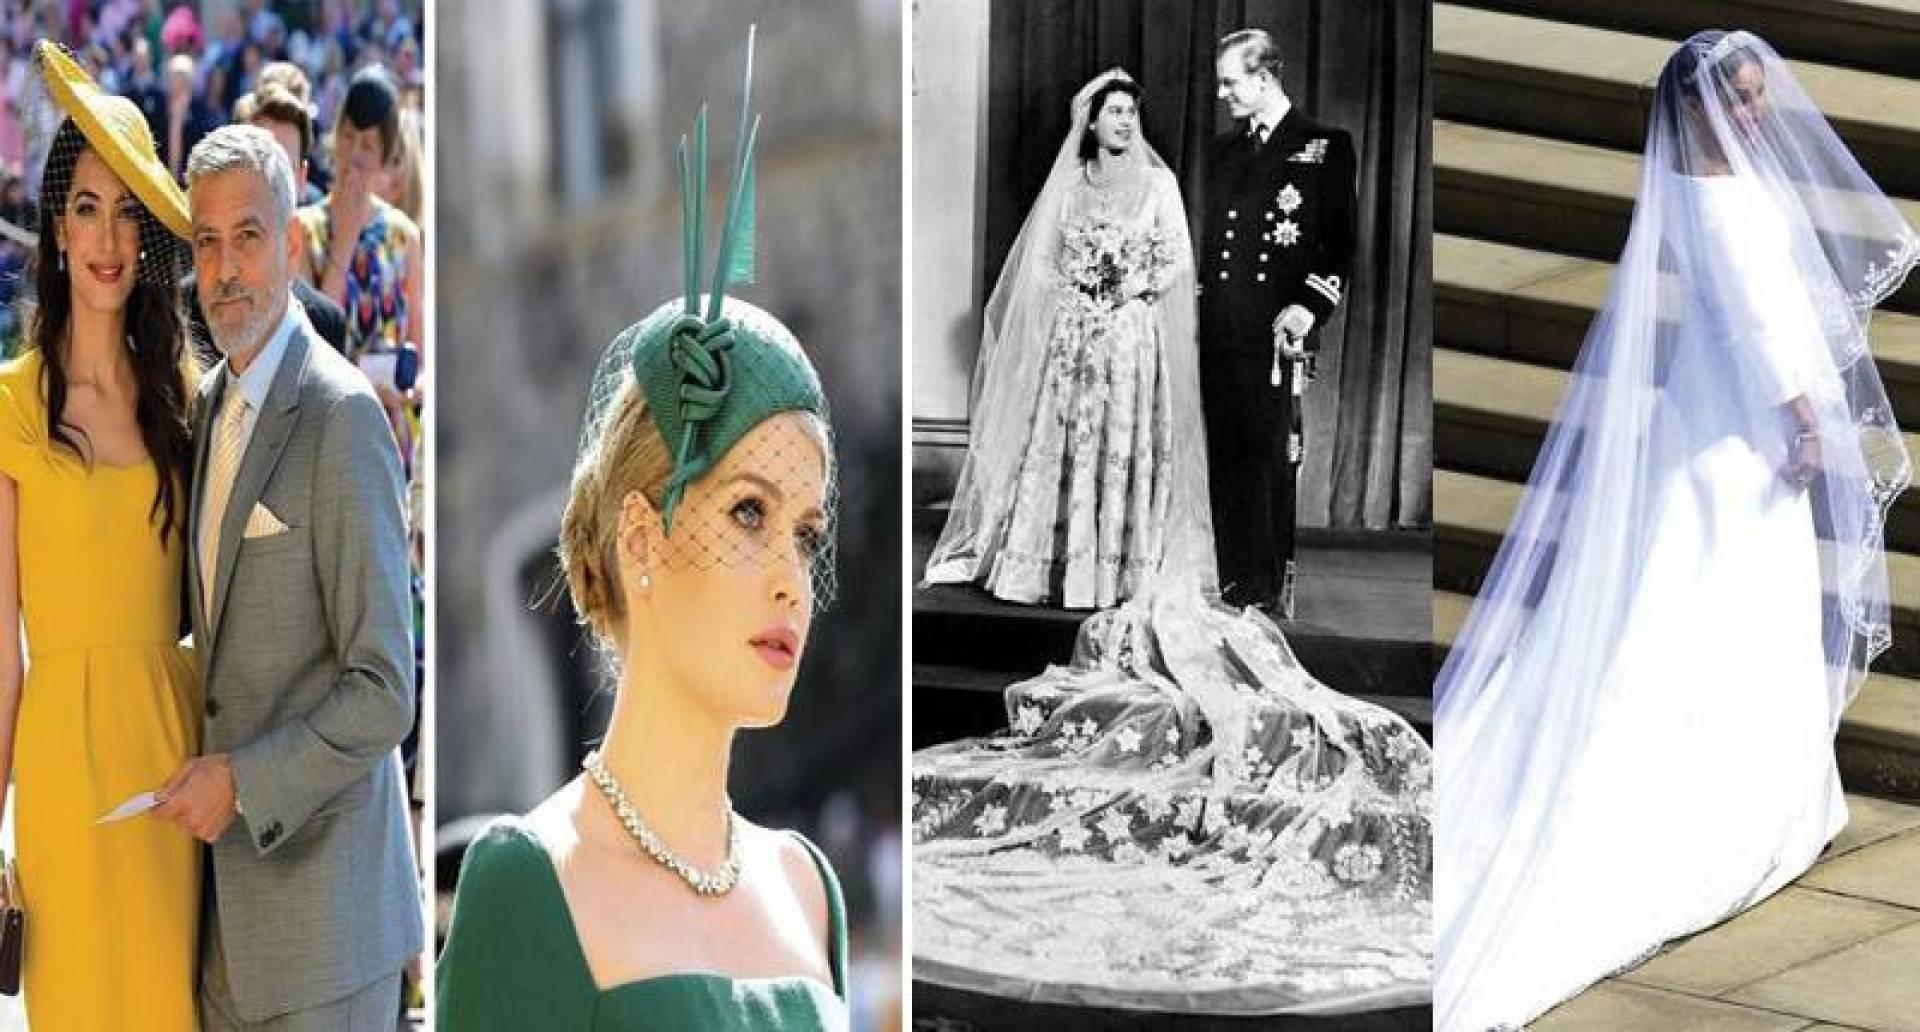 اللون الأبيض أساسي للفستان - لا يمكن للسيدات خلع قبعاتهن خلال الحفل